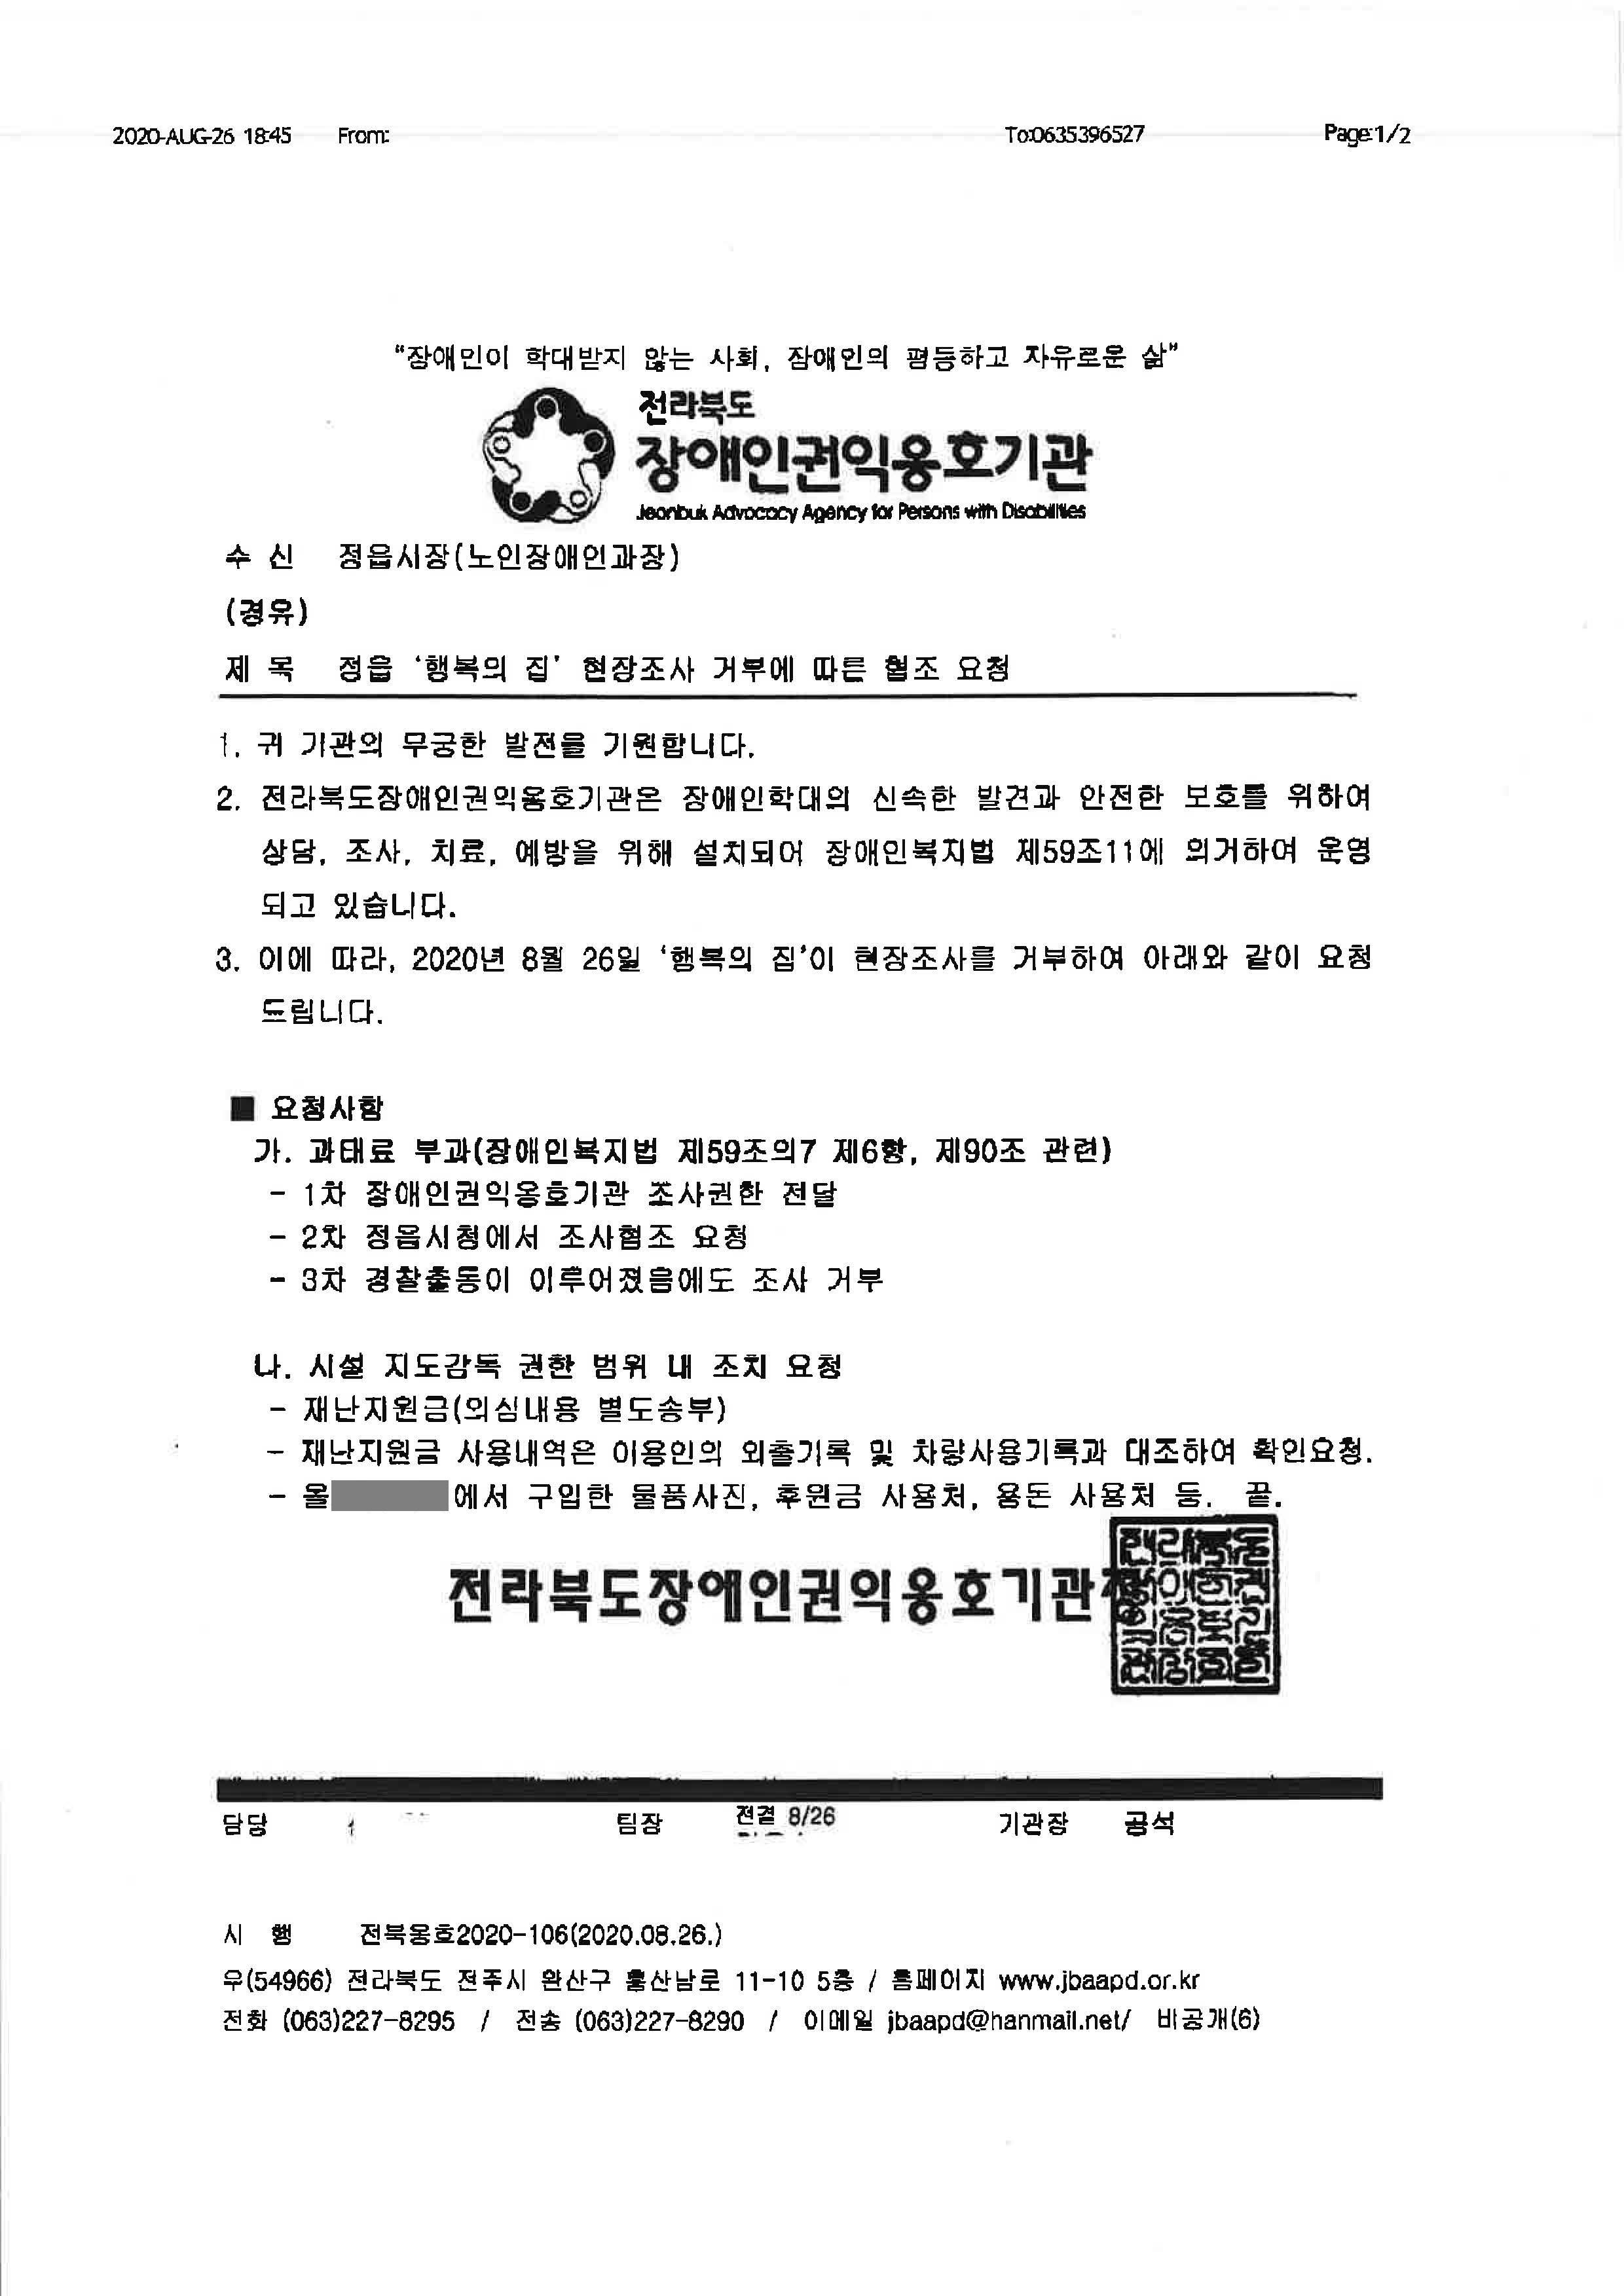 전북옹호2020-106(2020.08.26)호_정읍 행복의집 현장조사 거부에 따른 협조 요청_페이지_1.jpg